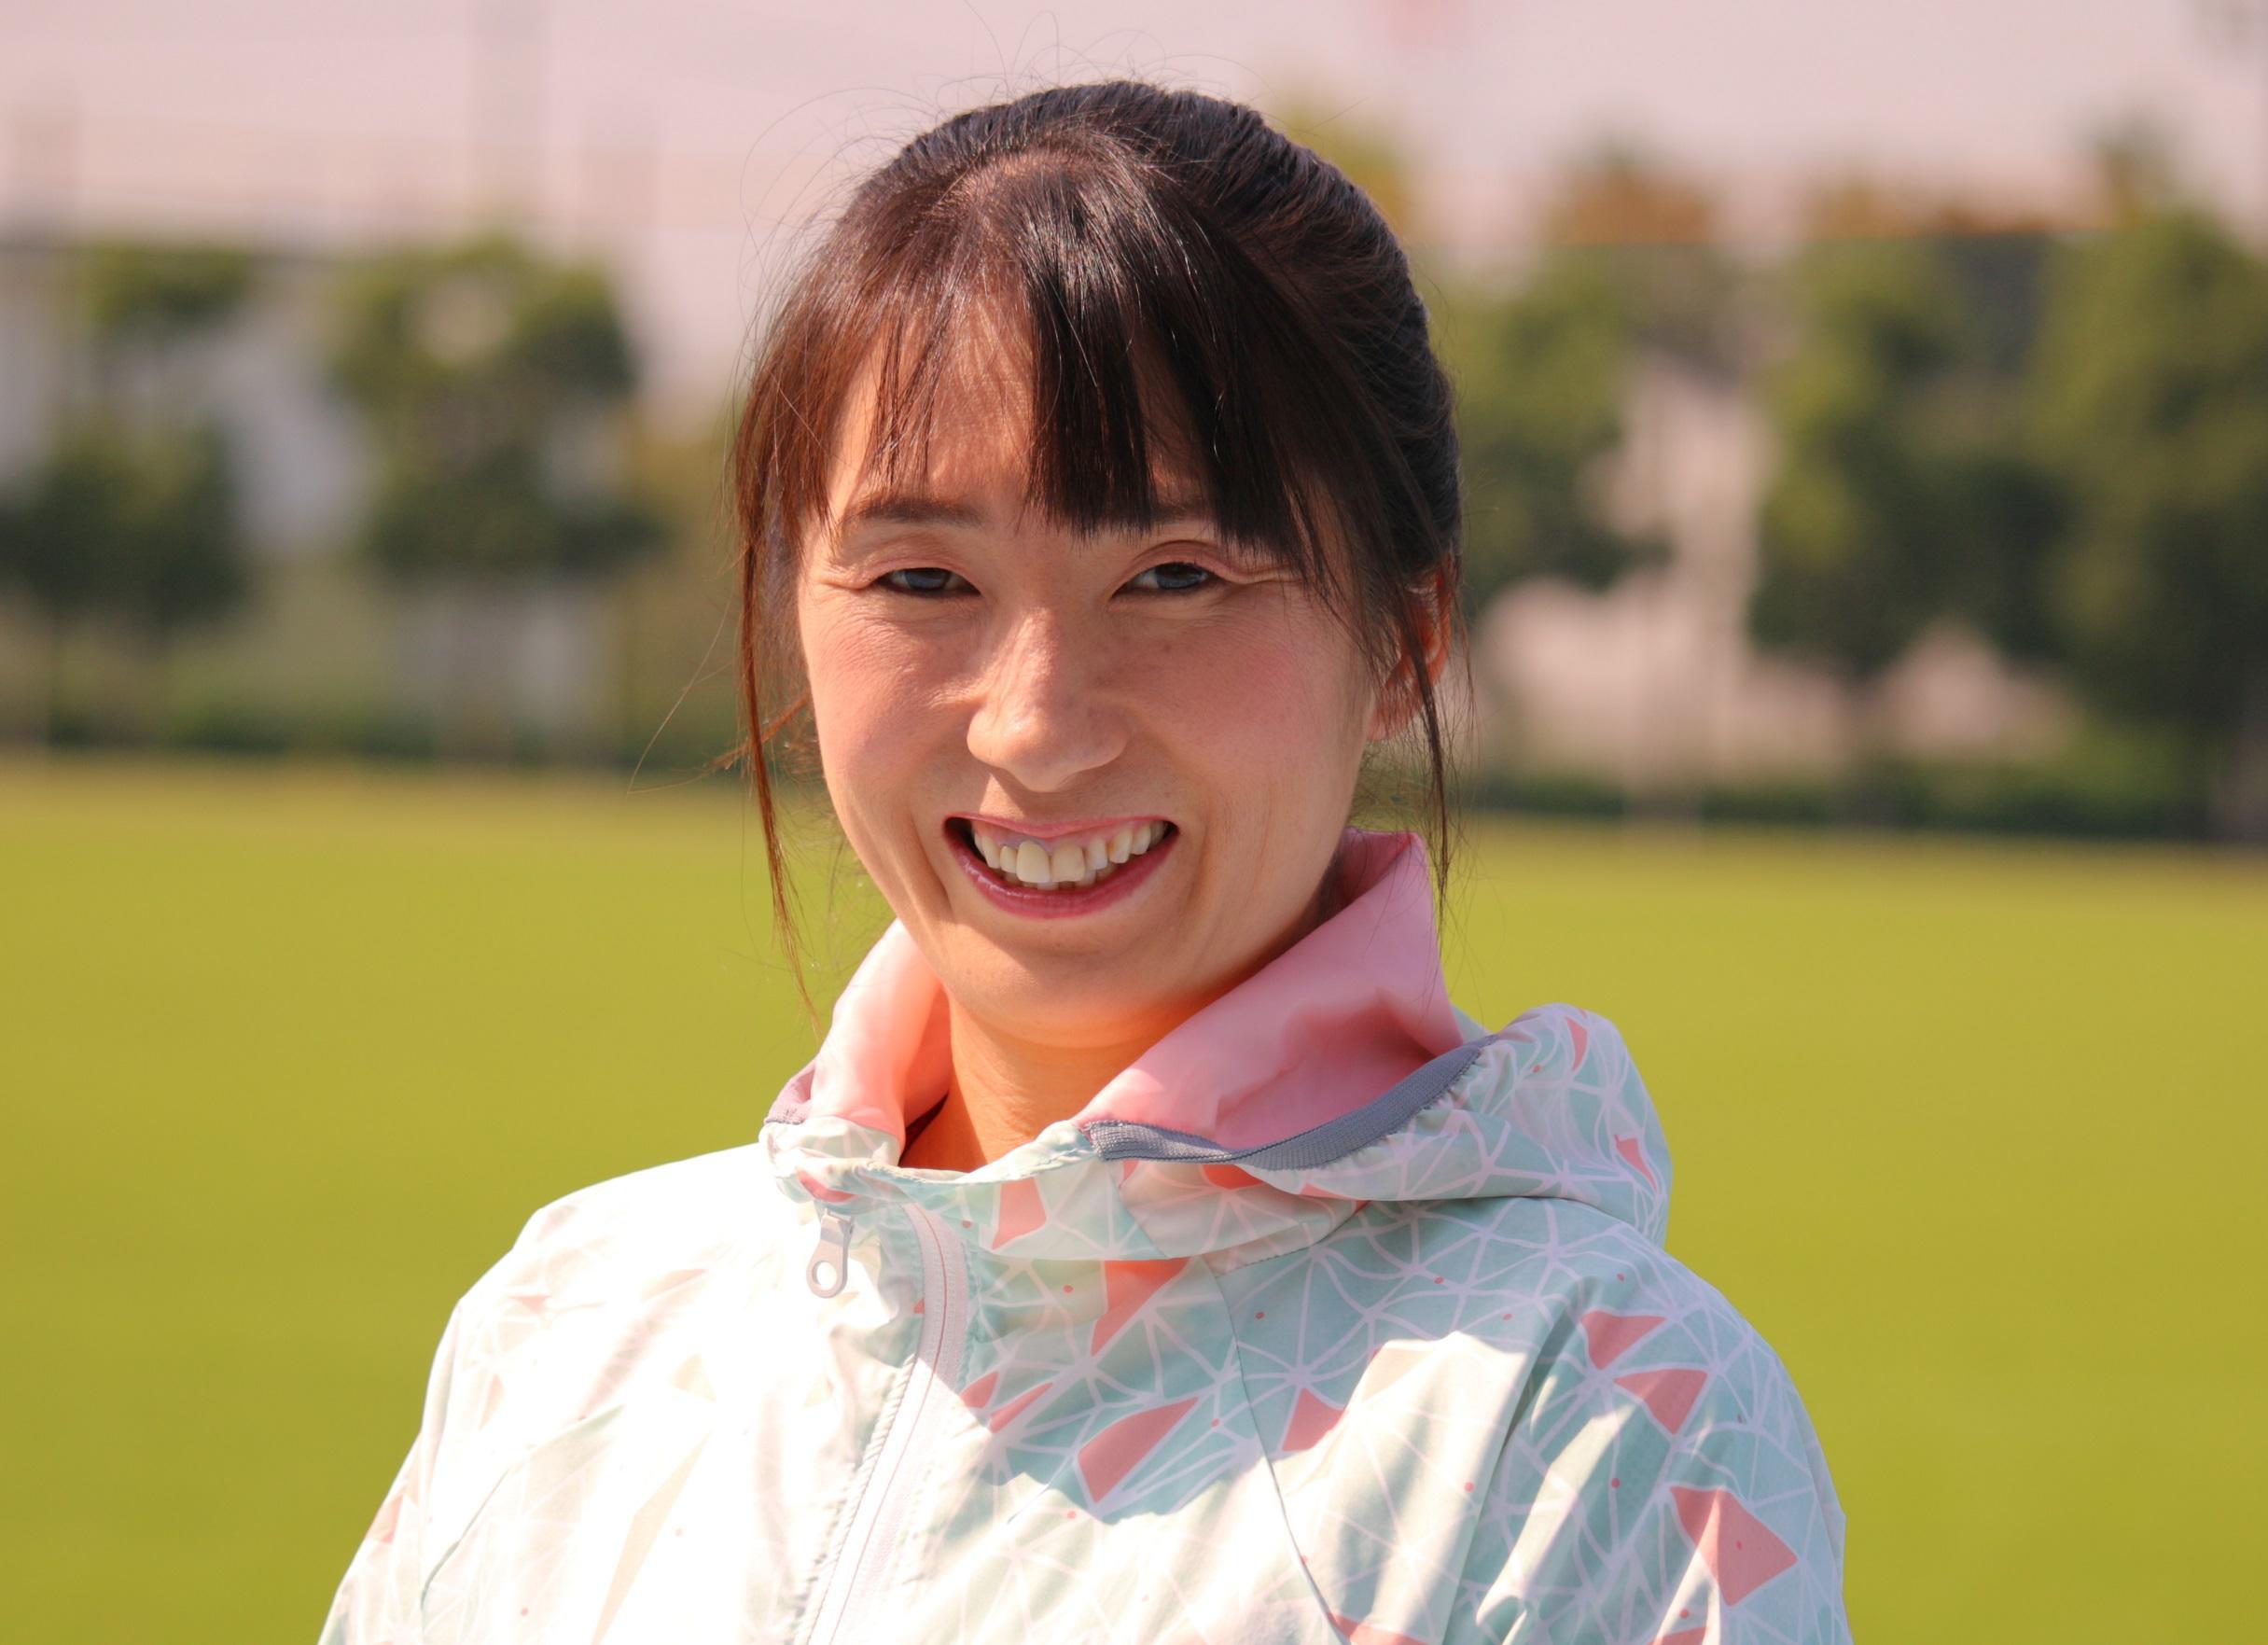 城西大学女子駅伝部のコーチに卒業生で元マラソン選手の赤羽有紀子氏が就任 -- 夫の周平氏が監督に